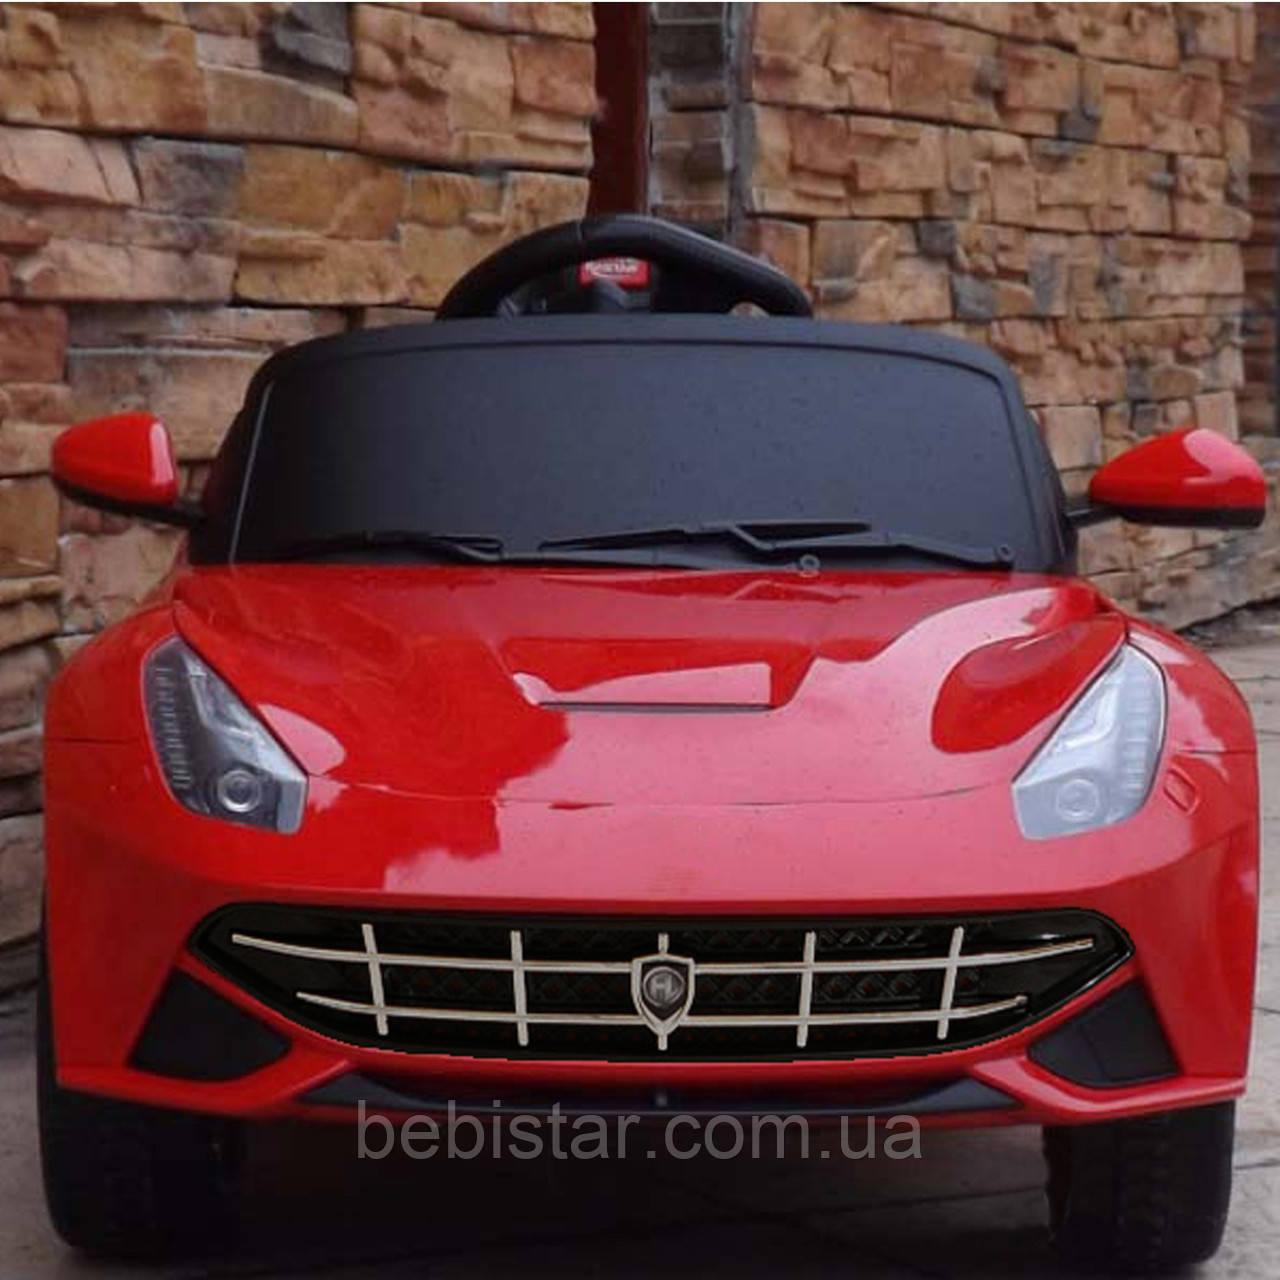 Электромобиль спортивный легковой красный для деток 3-8 лет мотор 2*25W аккумулятор 2*6V4.5AH с MP3